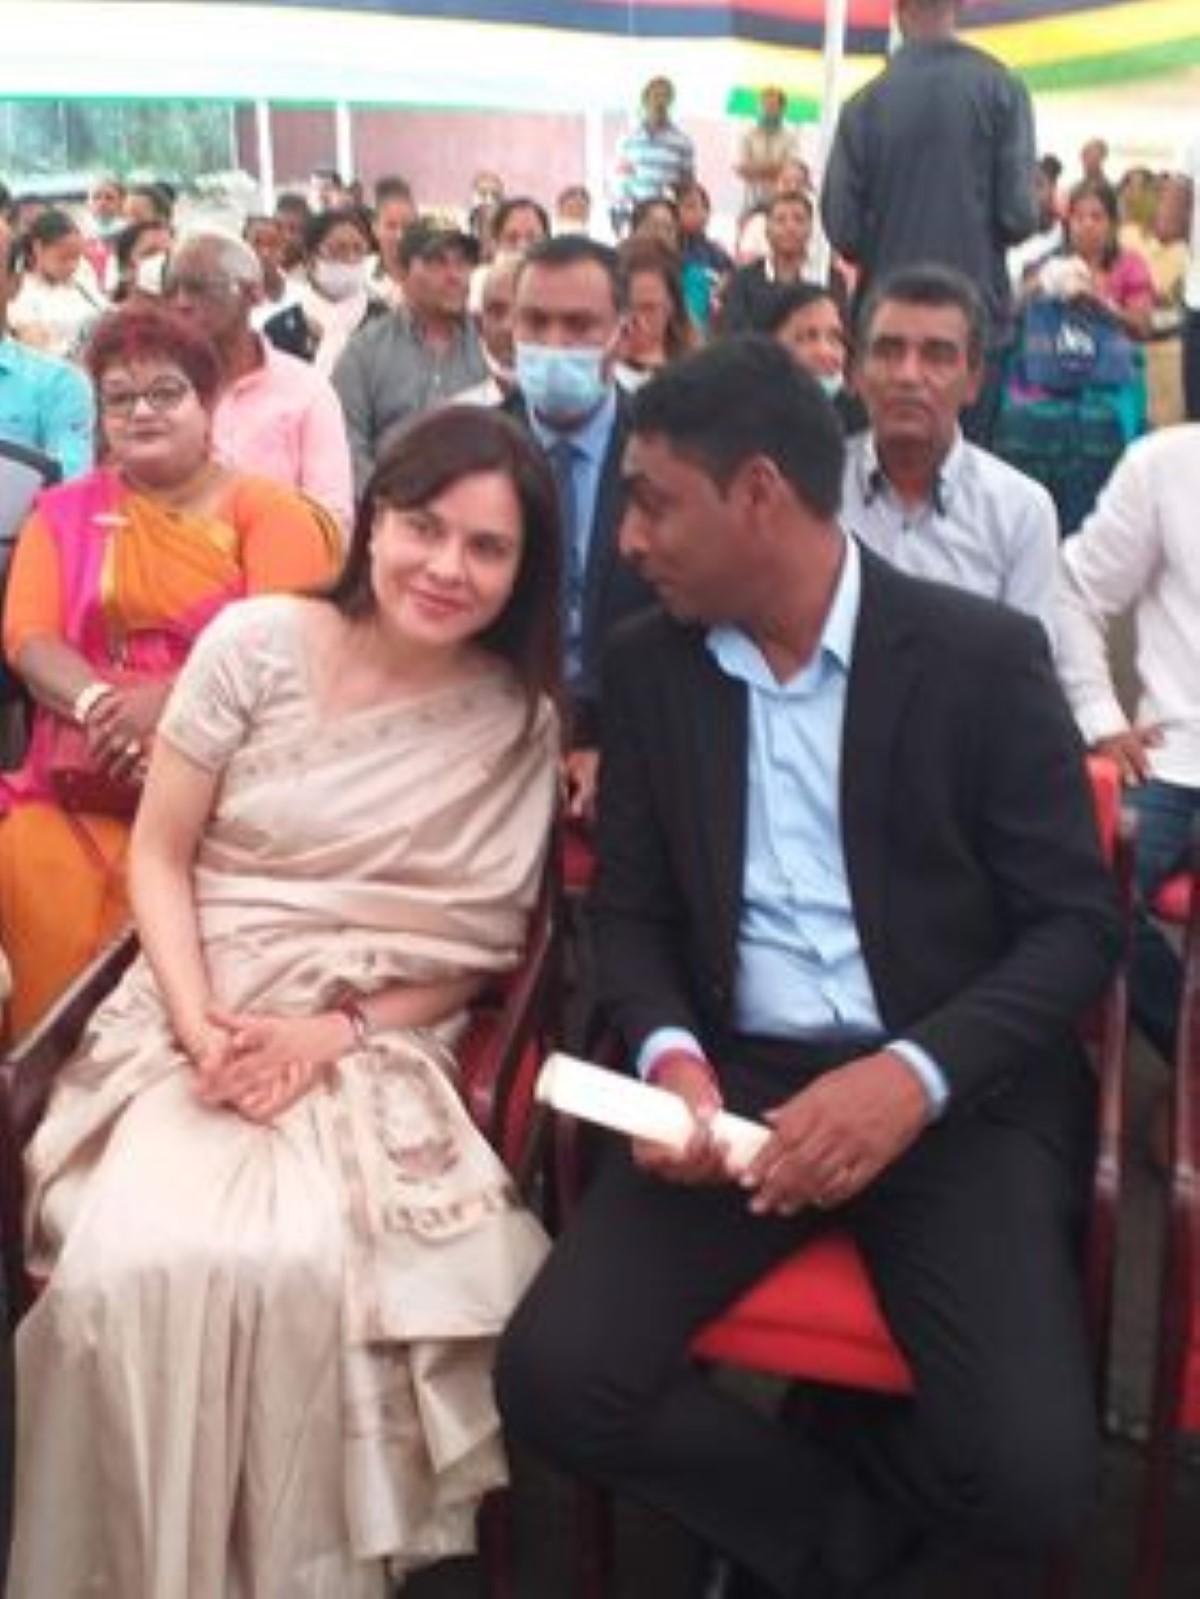 Avinash Teeluck : « Mahatma Gandhiti fer lamars pou enn koz. Li pann fer lamars pou kree divizyon »